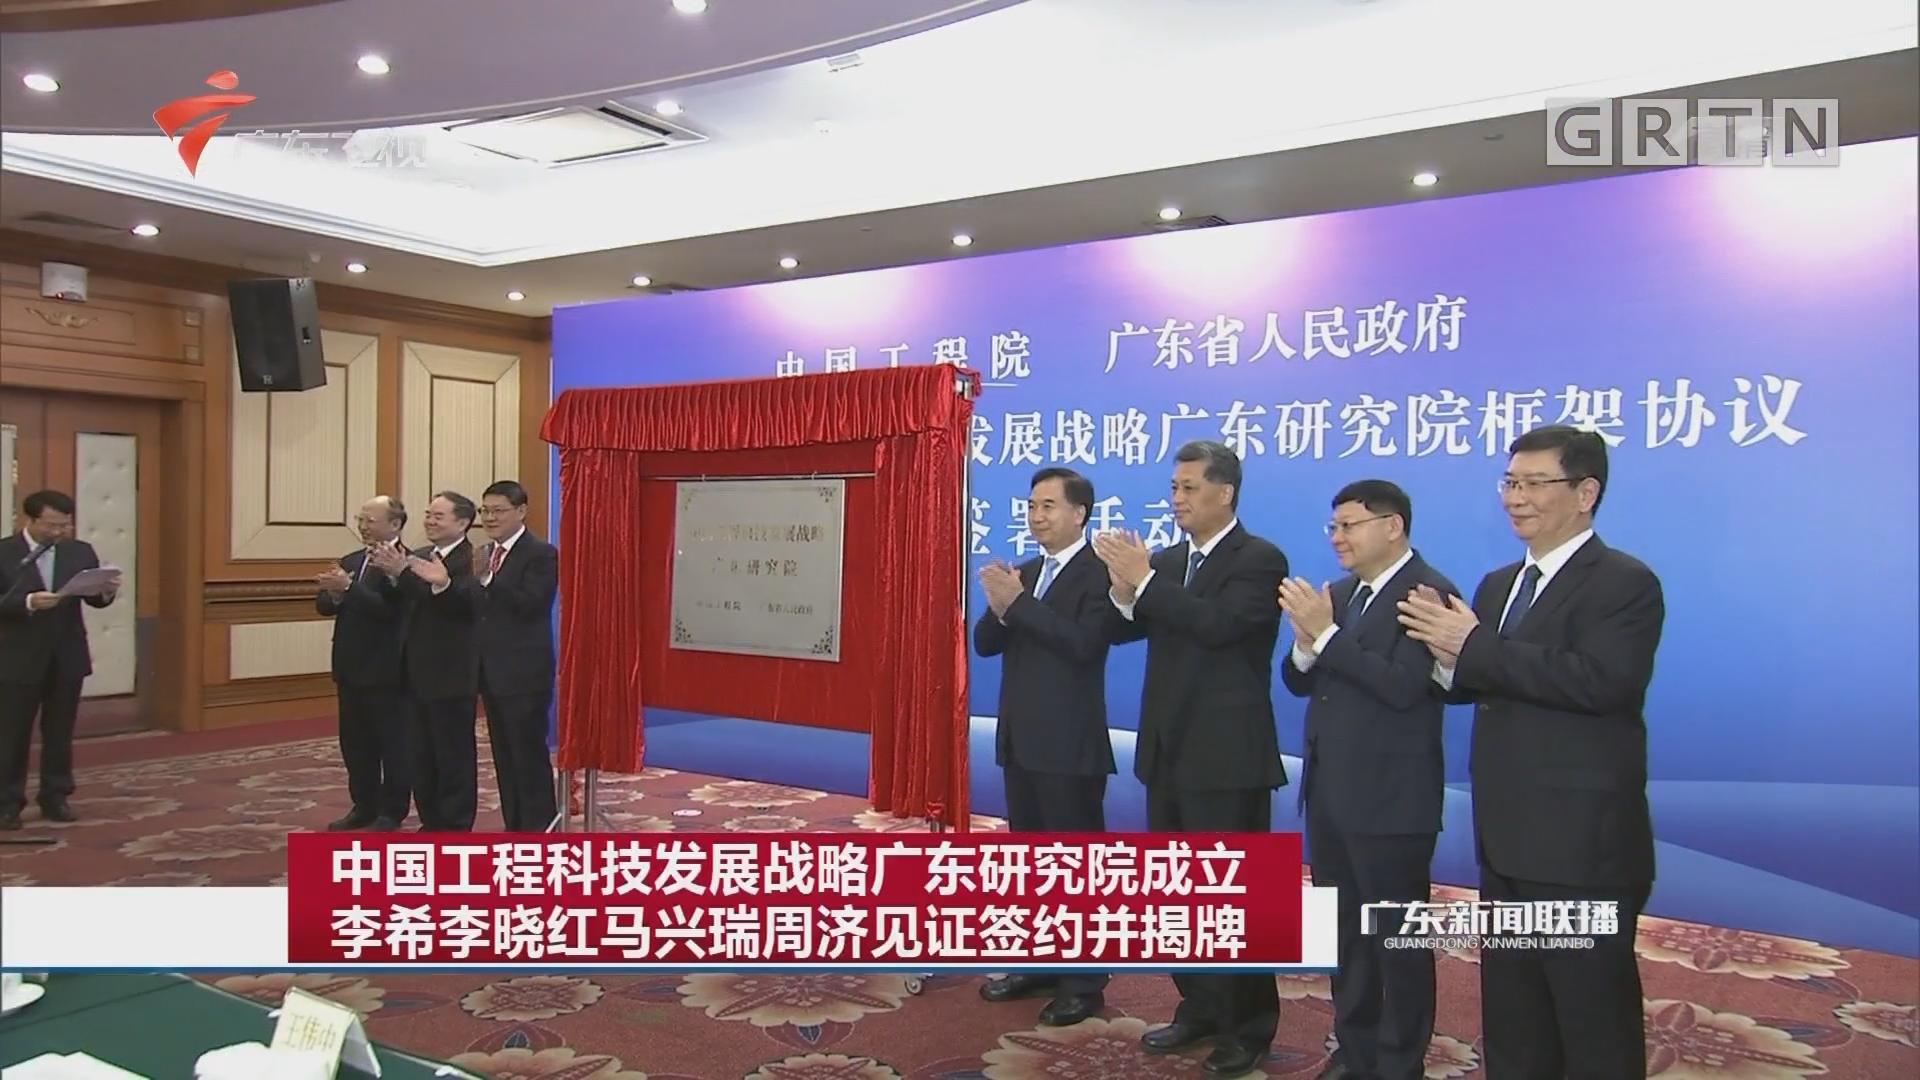 中国工程科技发展战略广东研究院成立 李希李晓红马兴瑞周济见证签约并揭牌